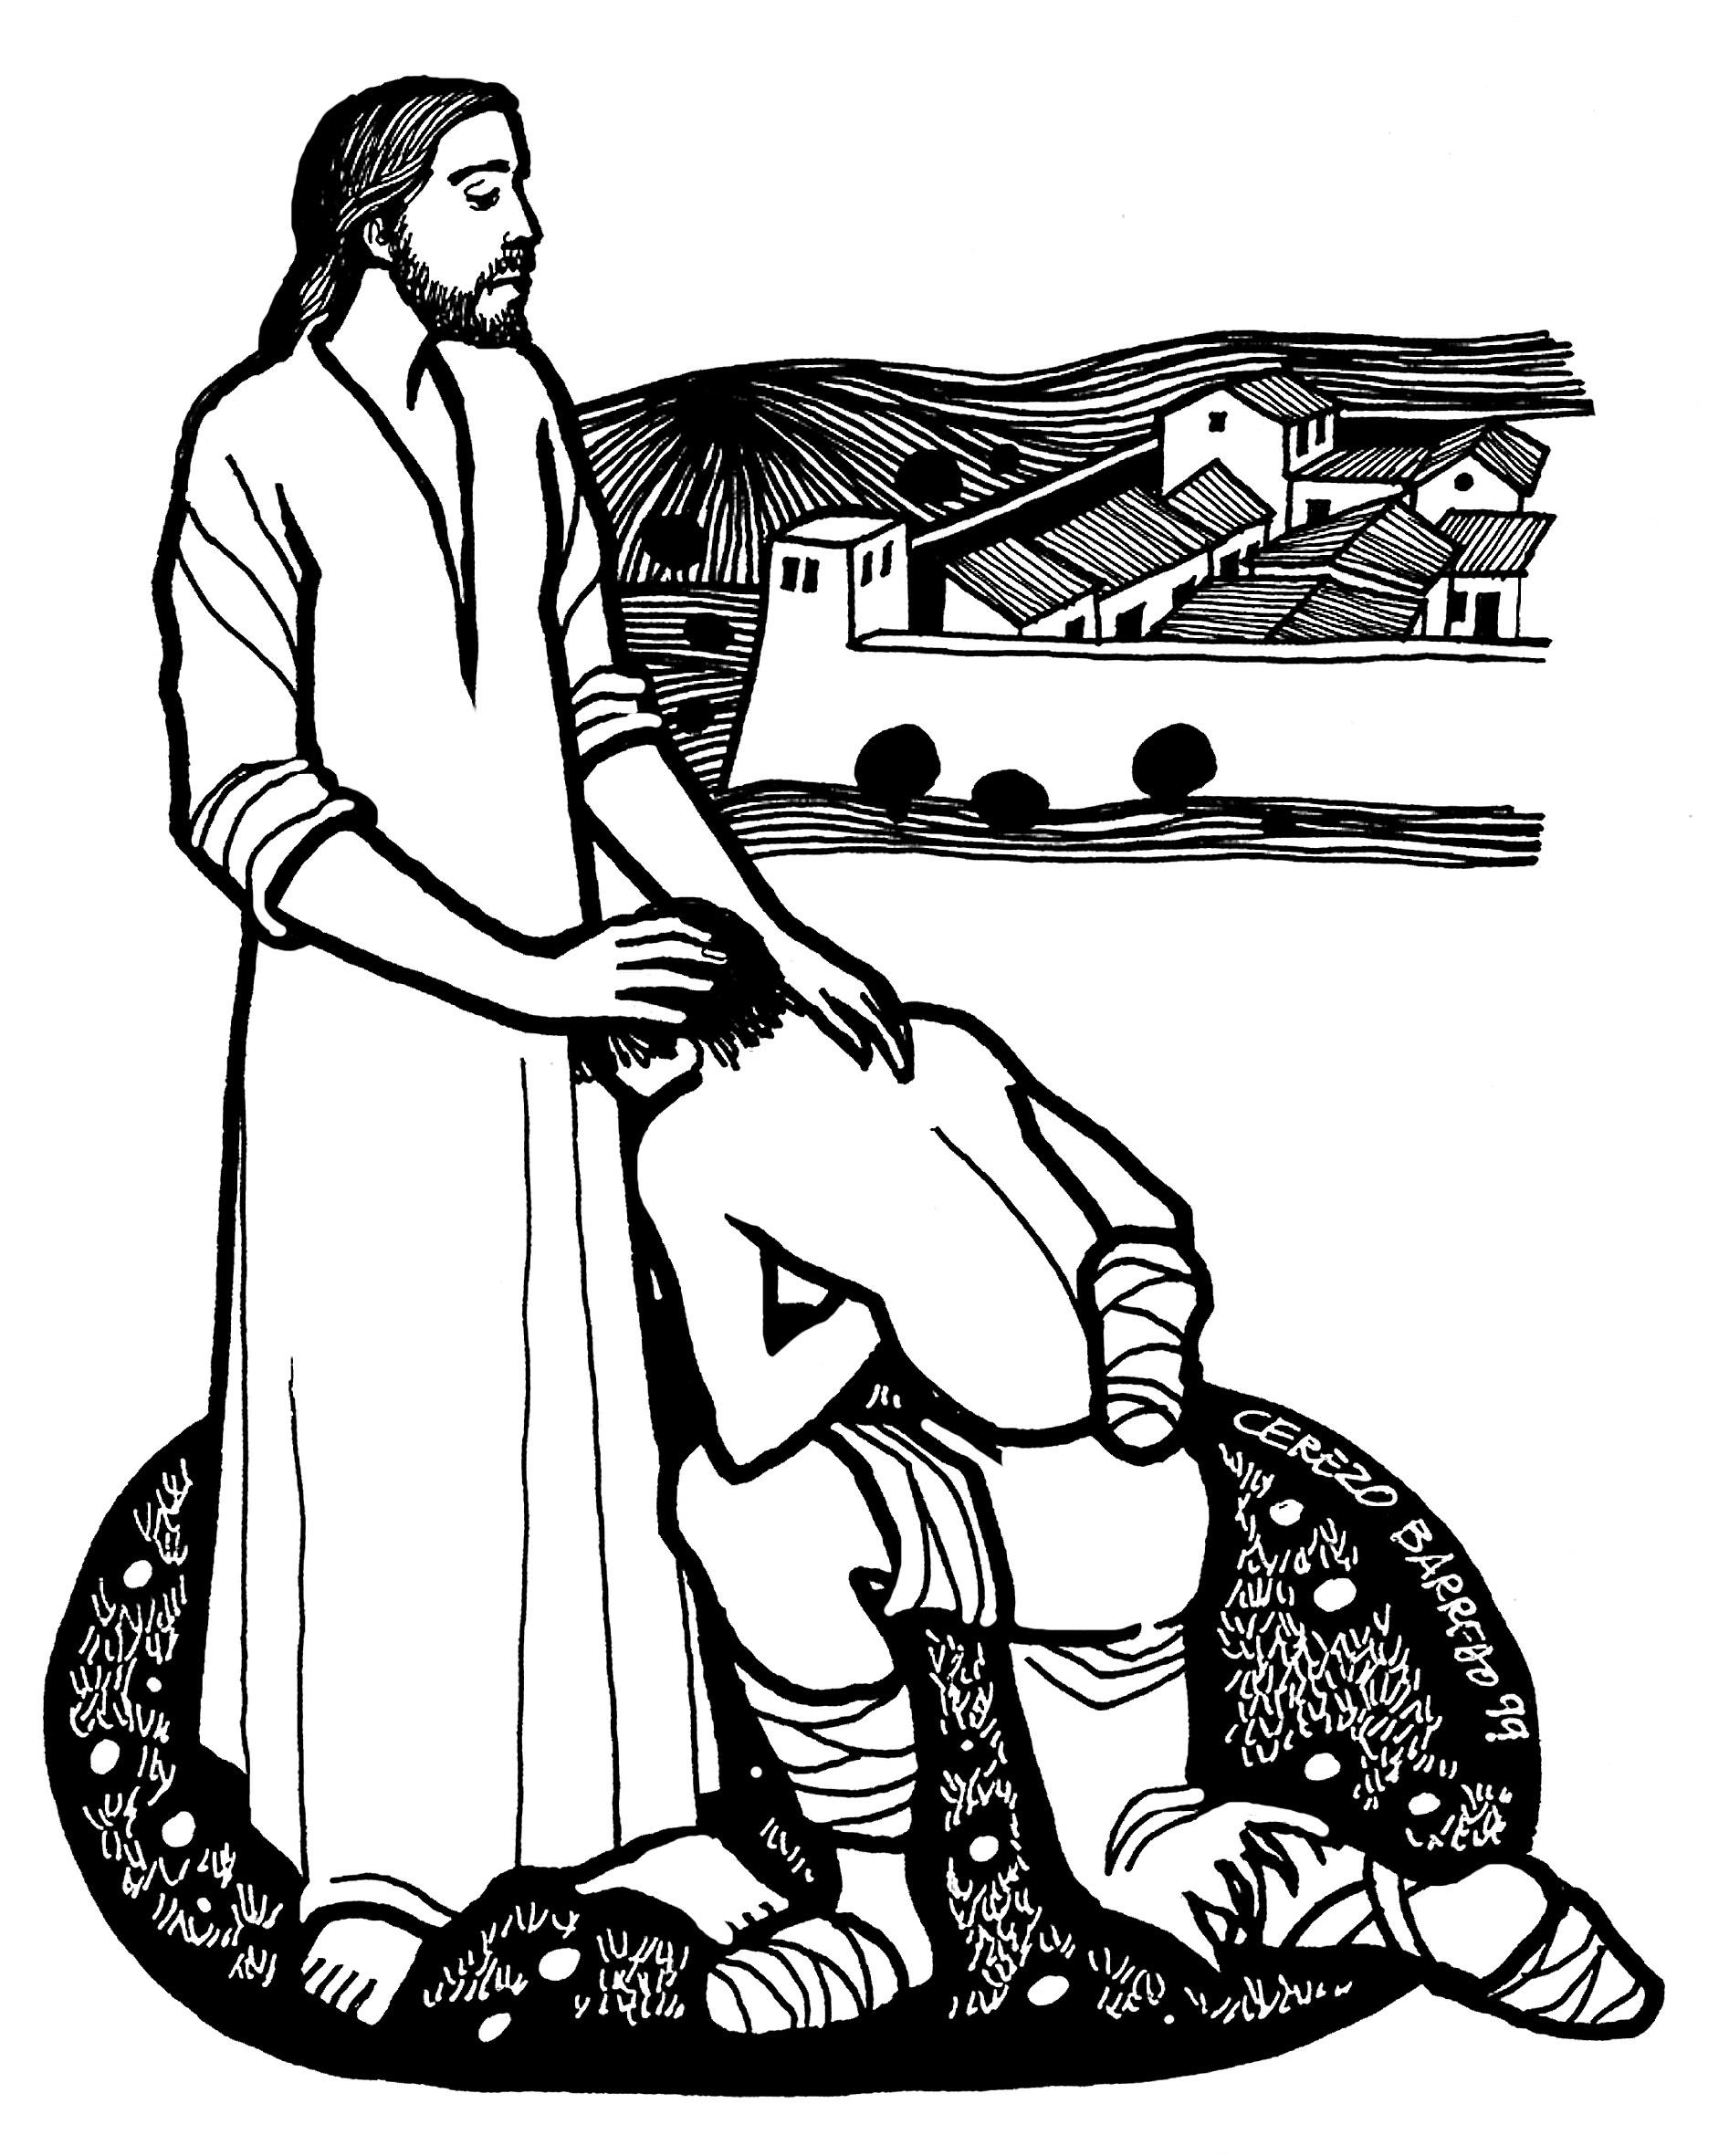 Evangelio del día - Lecturas del domingo, 11 de febrero de 2018